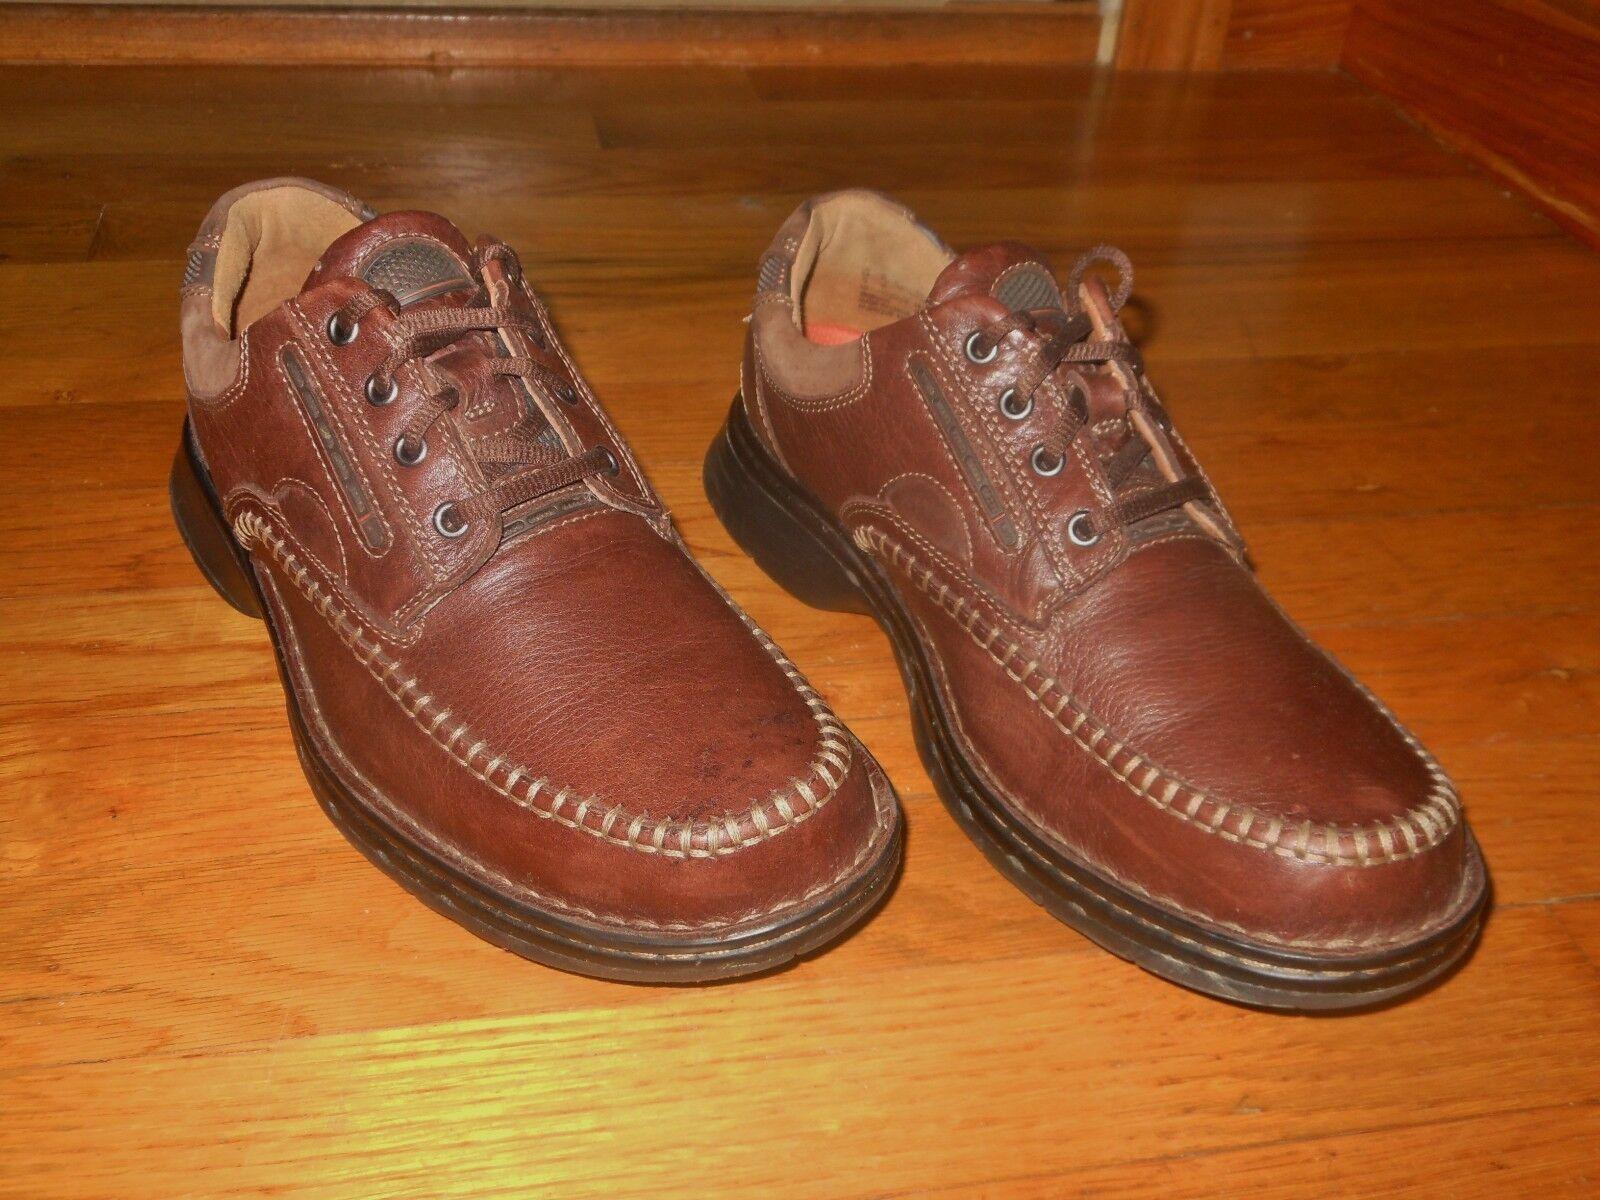 Clarks Un.Cover men's casual shoes - Size 7.5 M - Excellent condition